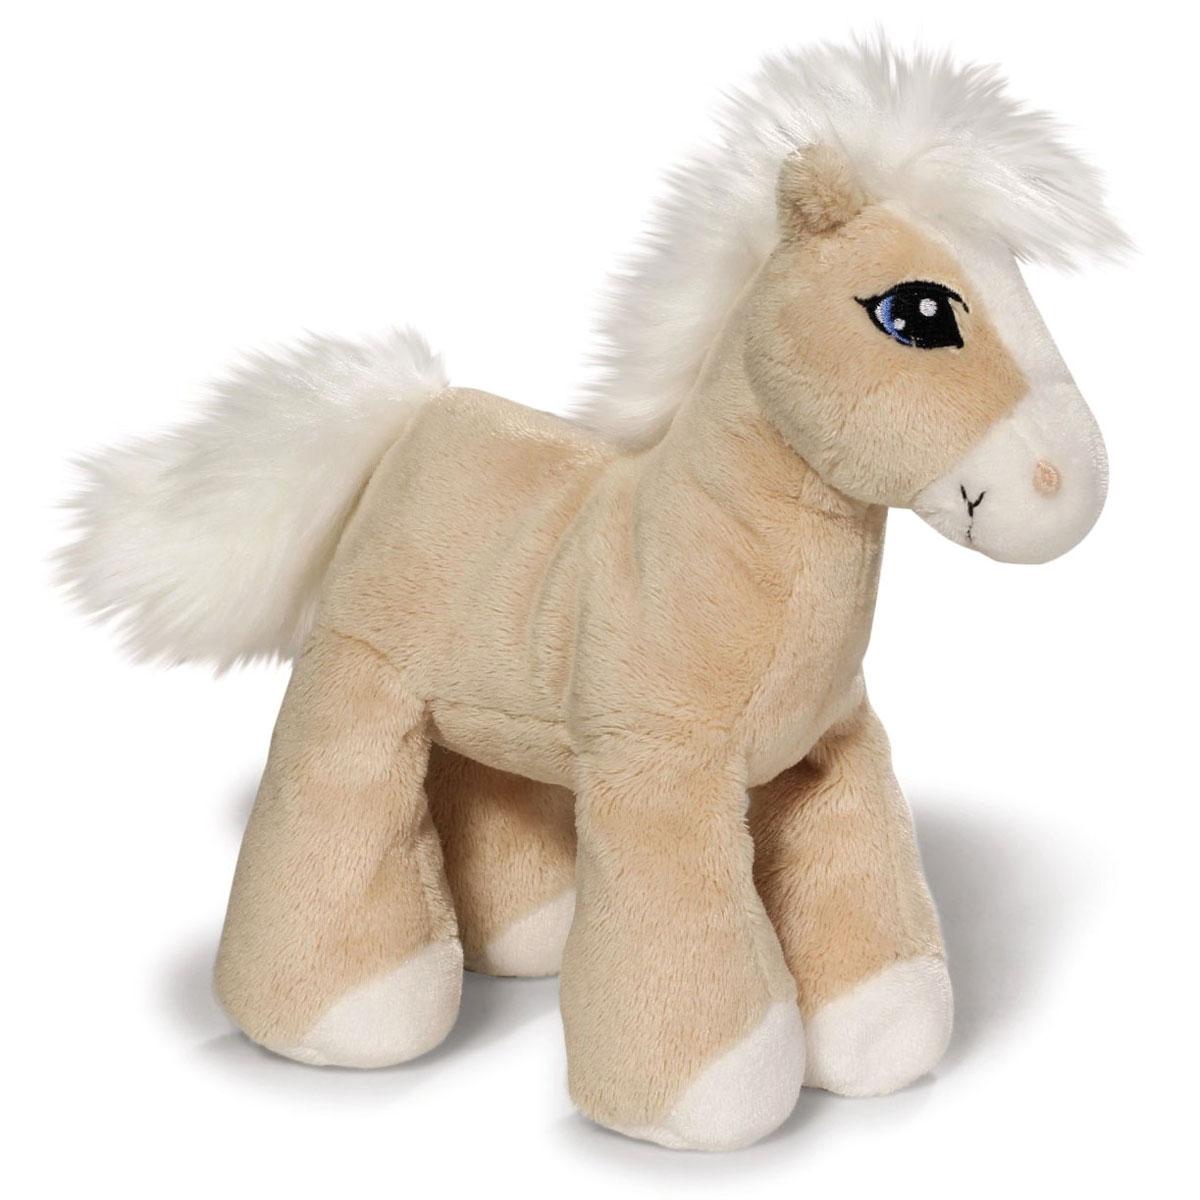 Nici Мягкая игрушка Лошадка Даймонд цвет бежевый 16 см37845Очаровательная мягкая игрушка Nici Лошадка Даймонд выполнена в виде симпатичной плюшевой лошадки. Игрушка изготовлена из высококачественного текстильного материала бежевого цвета. Игрушка невероятно мягкая и приятная на ощупь, вам не захочется выпускать ее из рук. Глазки лошадки вышиты, а хвостик и грива выполнены из искусственного меха. Удивительно мягкая игрушка принесет радость и подарит своему обладателю мгновения нежных объятий и приятных воспоминаний. Специальные гранулы, использующиеся при ее набивке, способствуют развитию мелкой моторики у малыша. Великолепное качество исполнения делают эту игрушку чудесным подарком к любому празднику. Трогательная и симпатичная, она непременно вызовет улыбку у детей и взрослых.